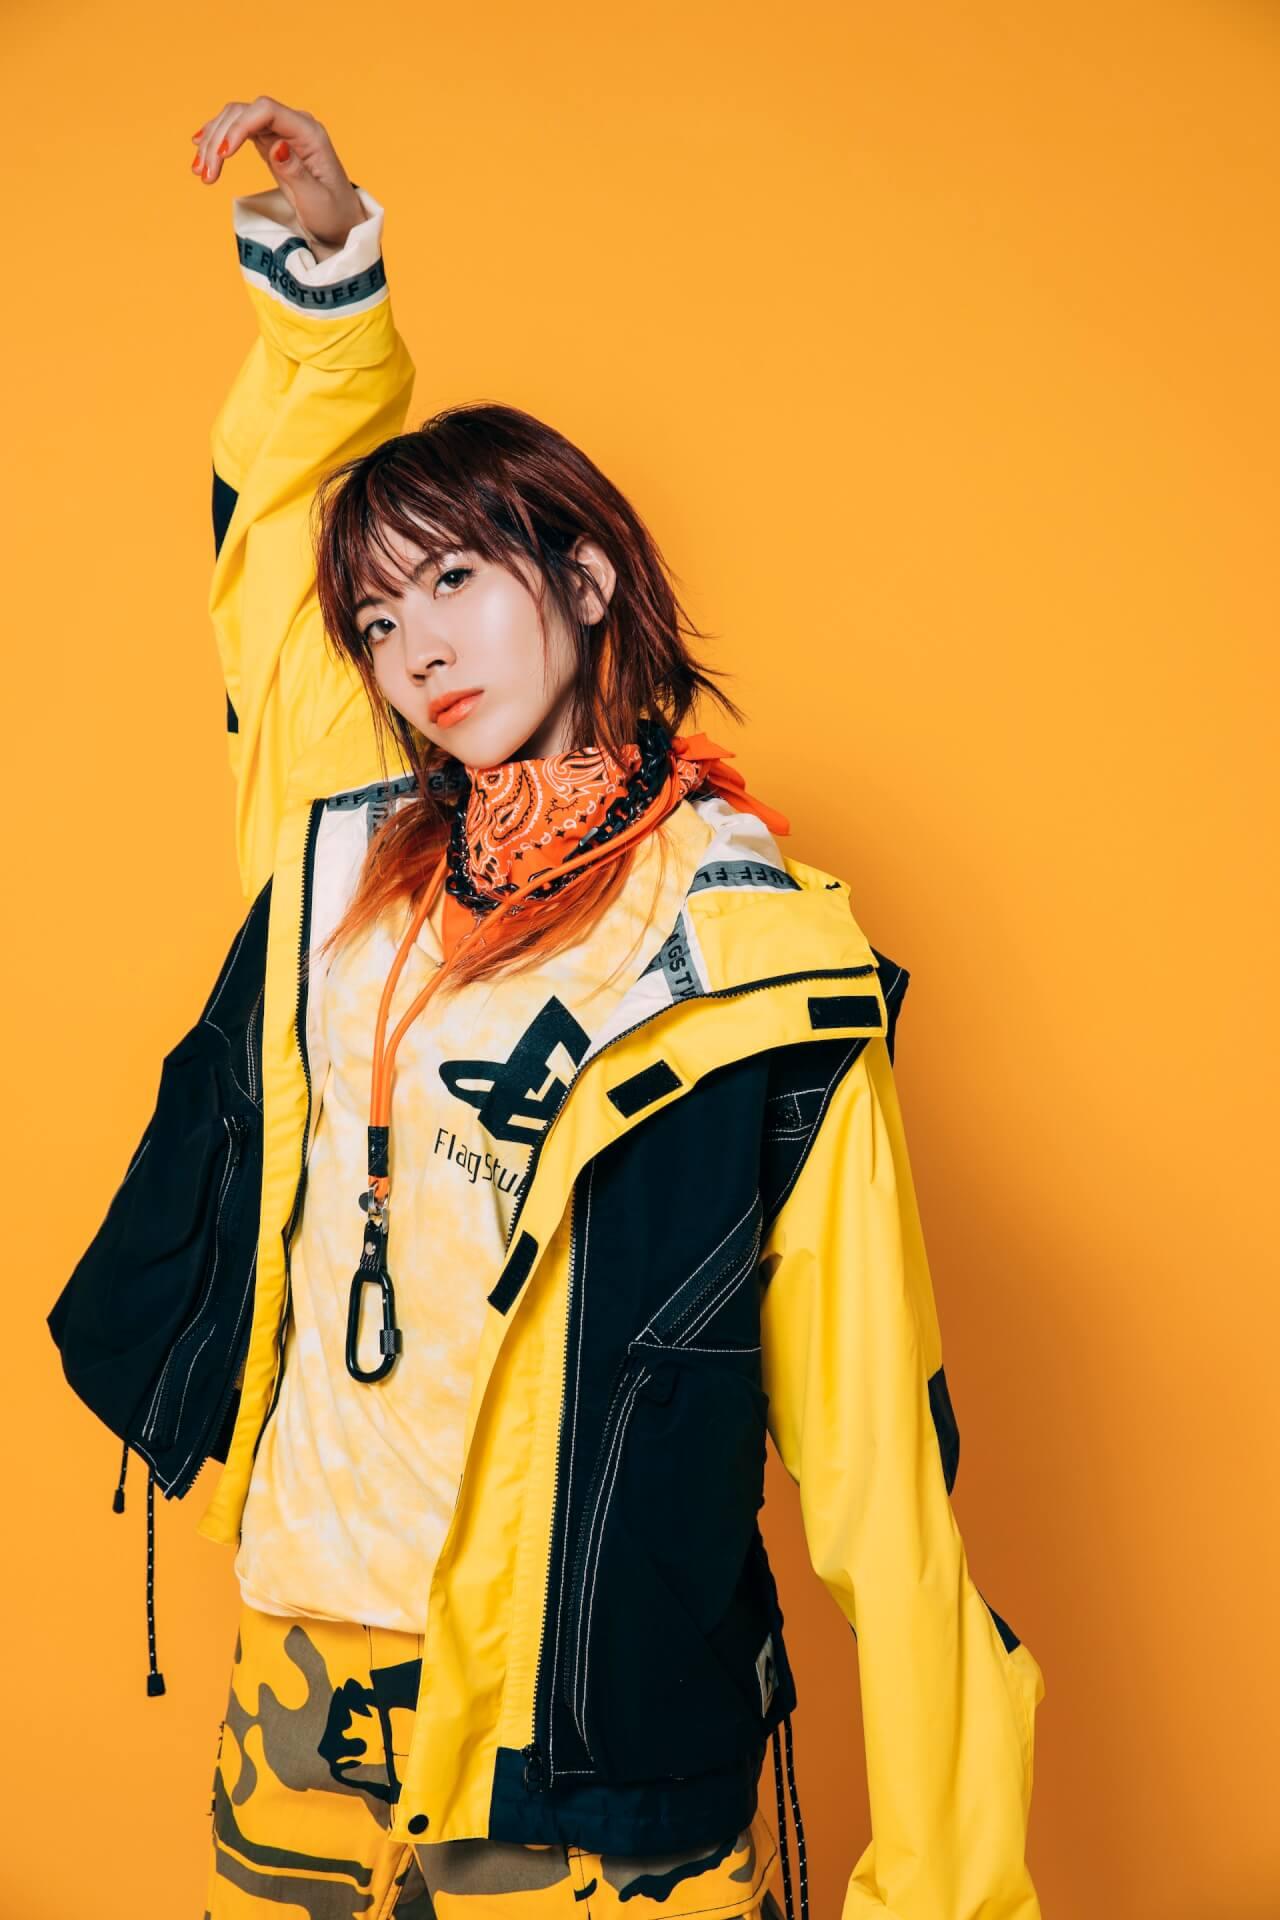 毎年恒例、ハロウィンは仮装して渋谷VISIONへ!りんごちゃん、安田大サーカス・クロちゃんがダブルヘッダーで登場 reichi2837